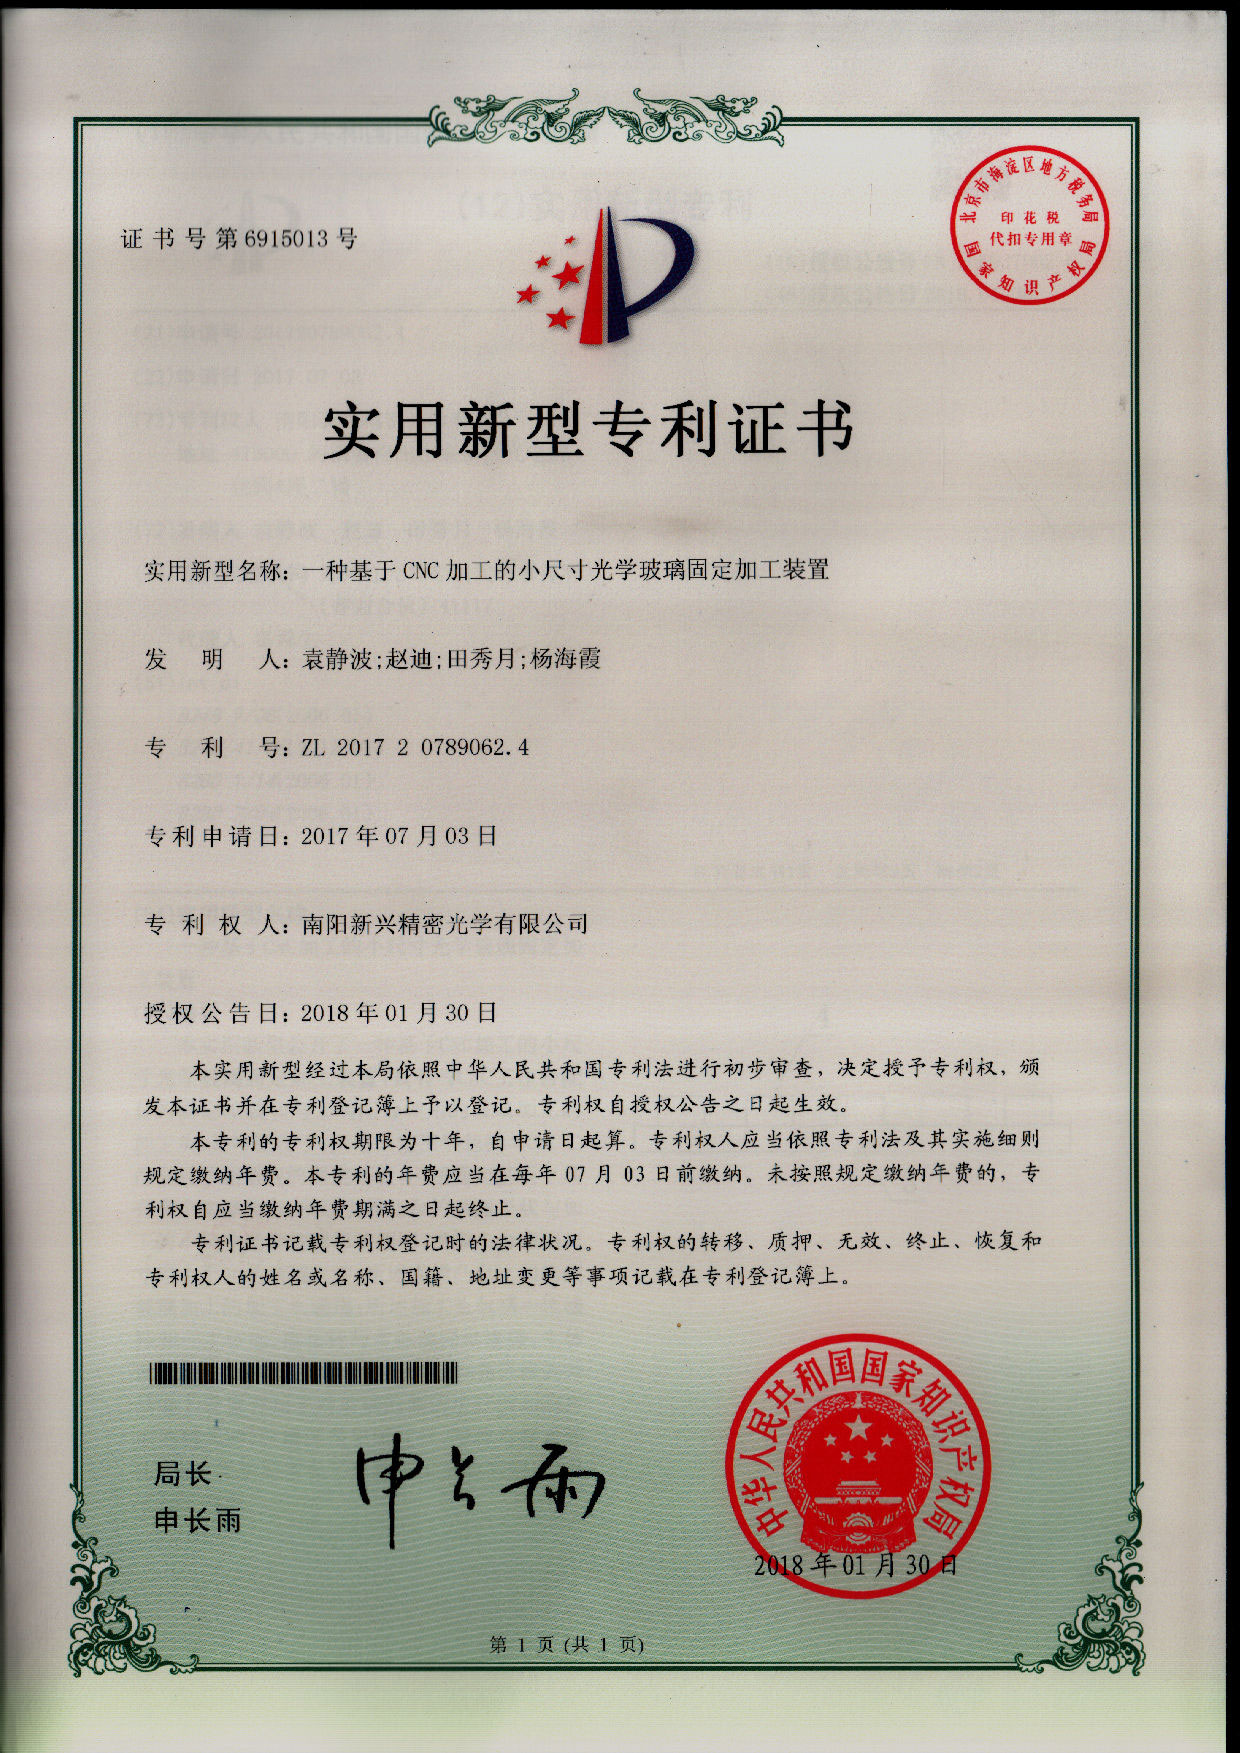 實用新型專利2017(1)